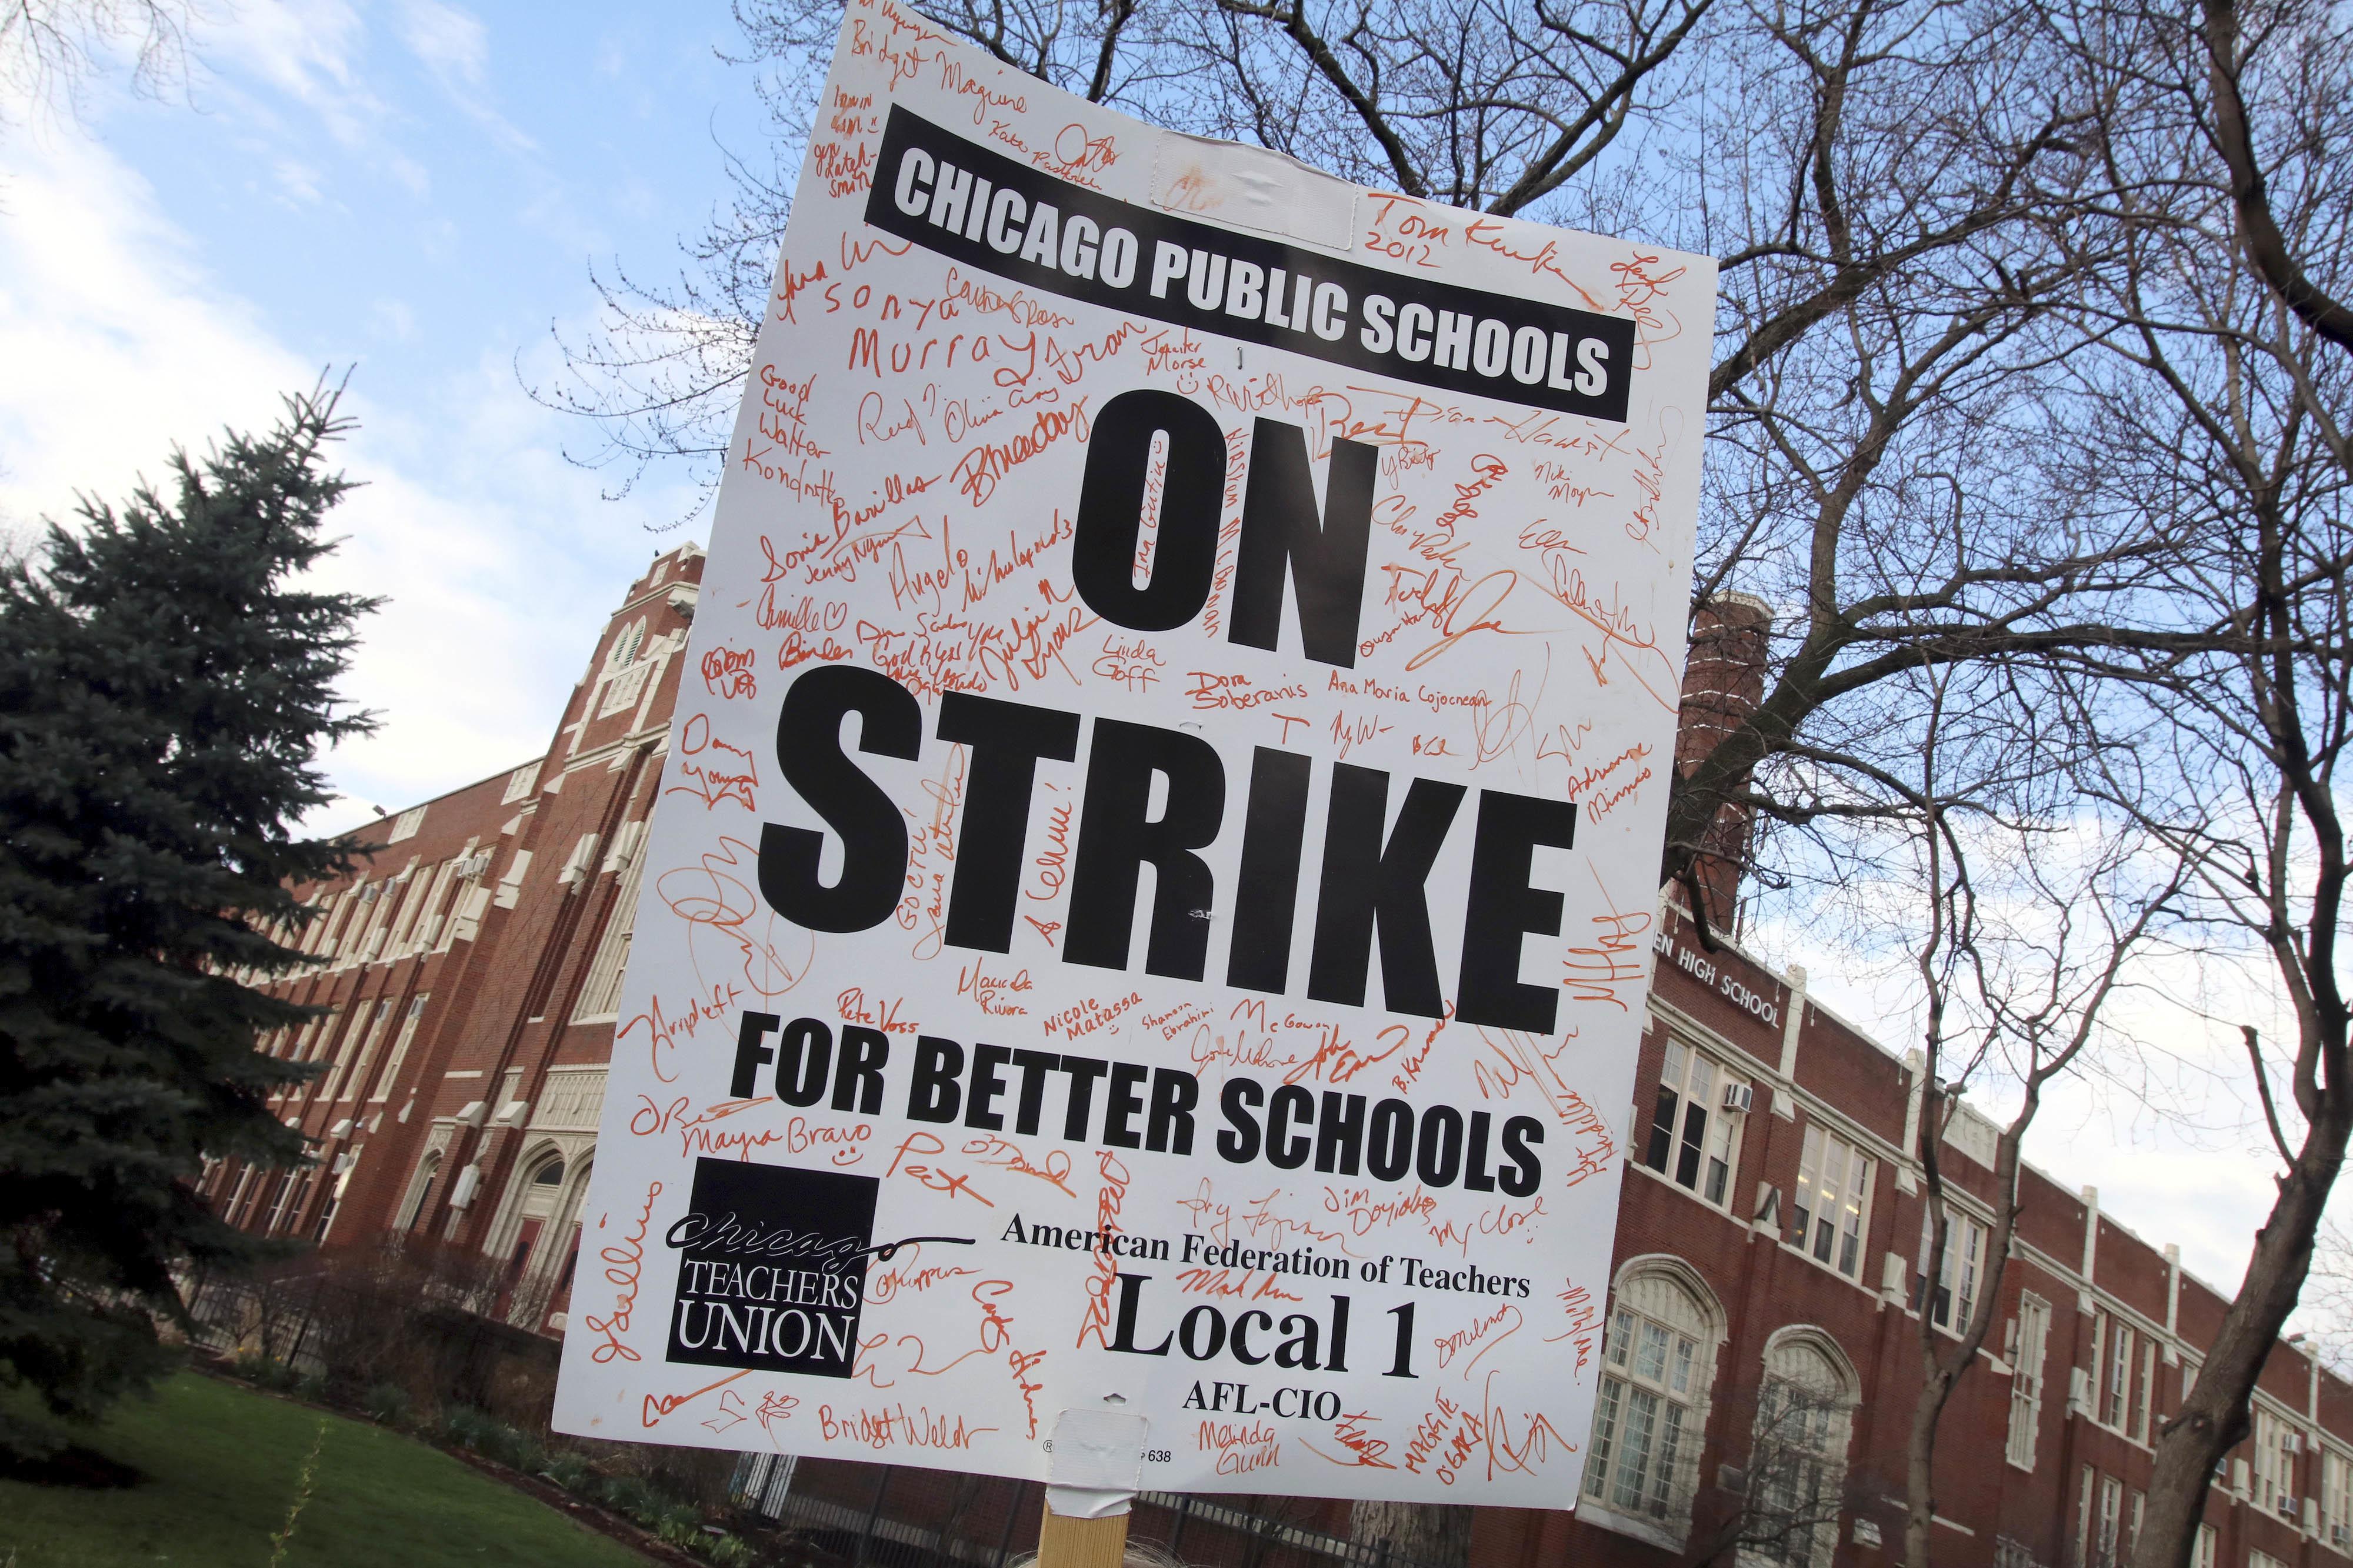 芝加哥的老師們1日走上街頭示威,為「更好的學校教育」發聲。(美聯社)